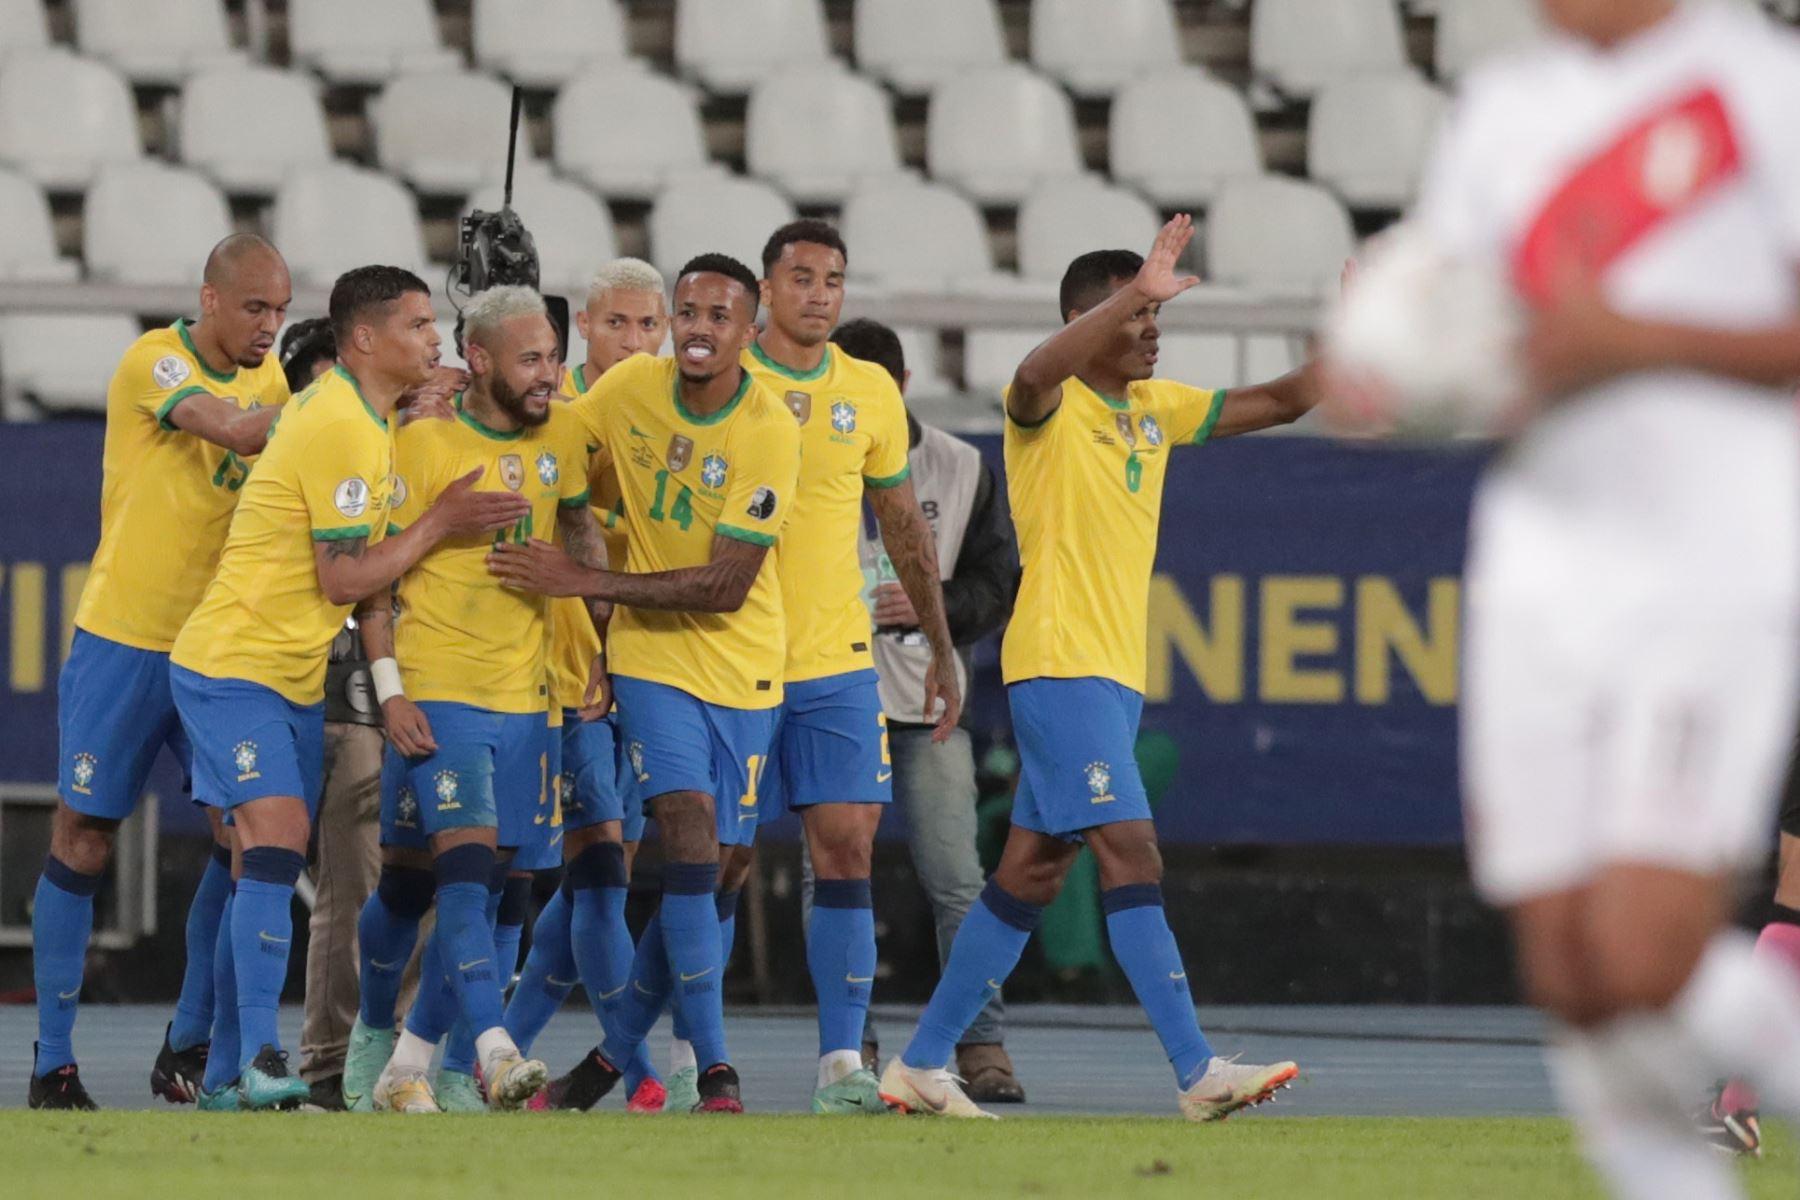 Jugadores de Brasil felicitan a Neymar tras anotar un gol durante partido por el grupo B de la Copa América, en el Estadio Olímpico Nilton Santos, en Río de Janeiro, Brasil. Foto: EFE